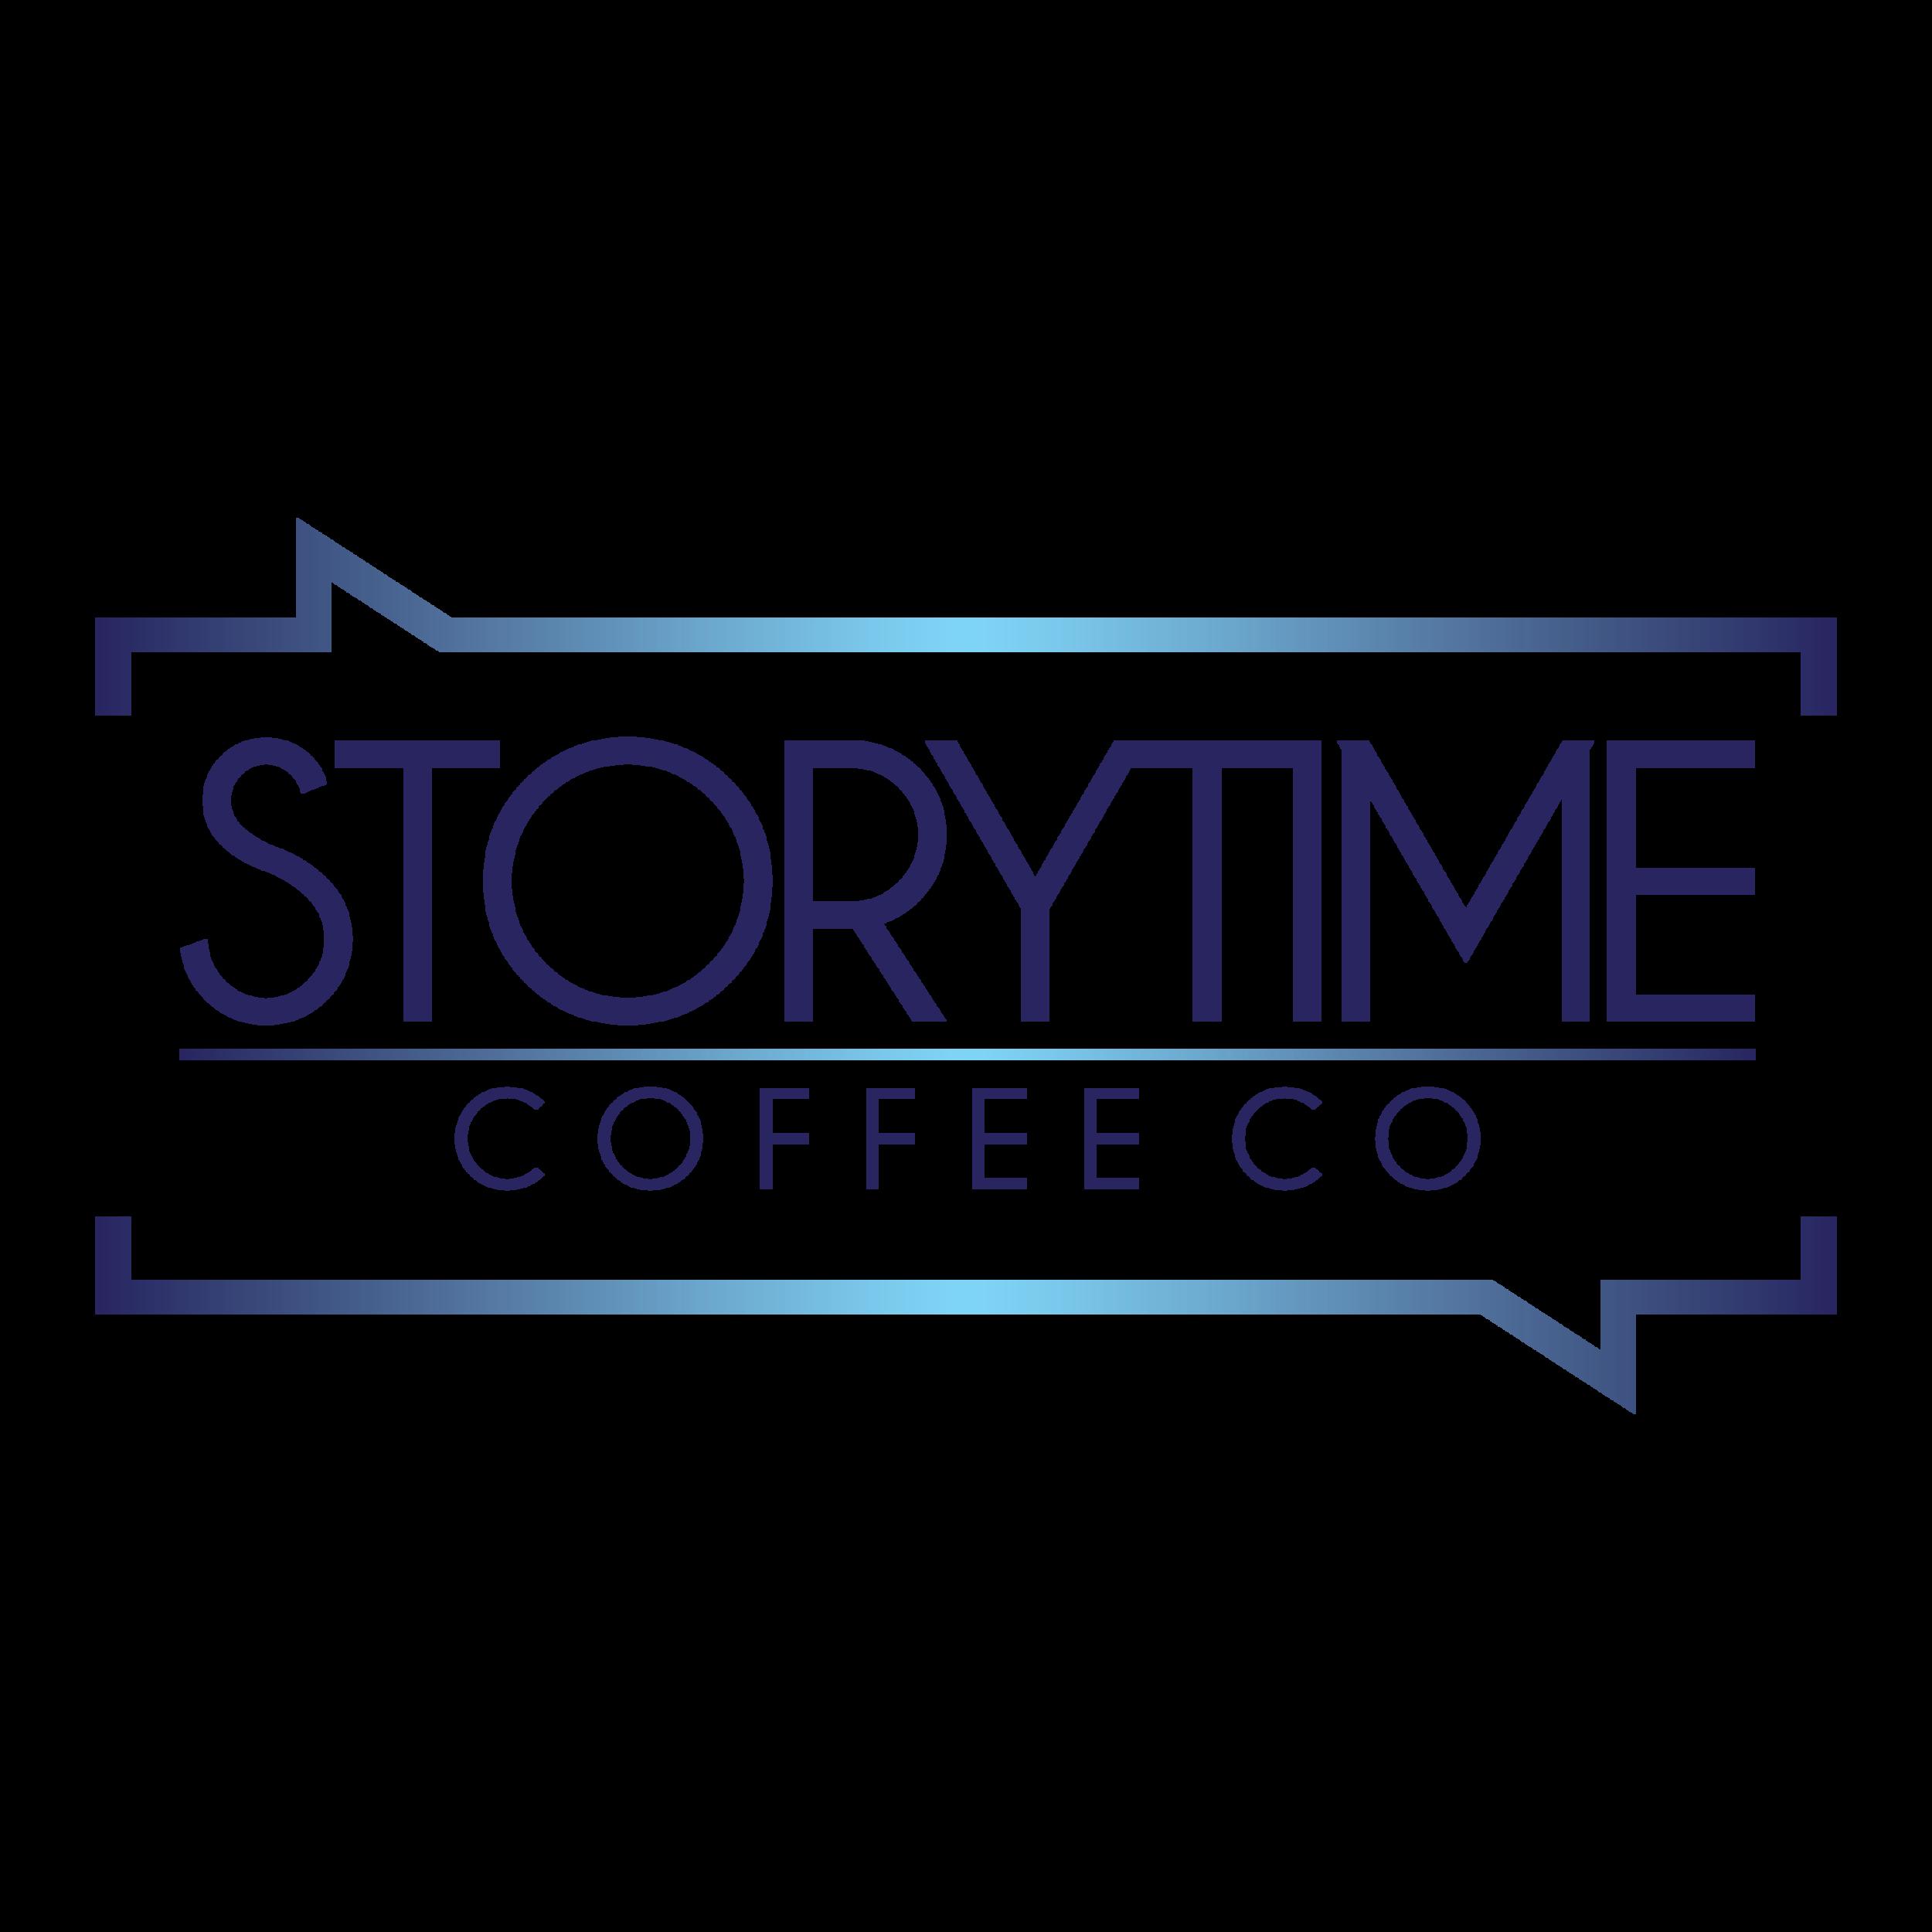 Storytime-LogoVariations-01-1.png